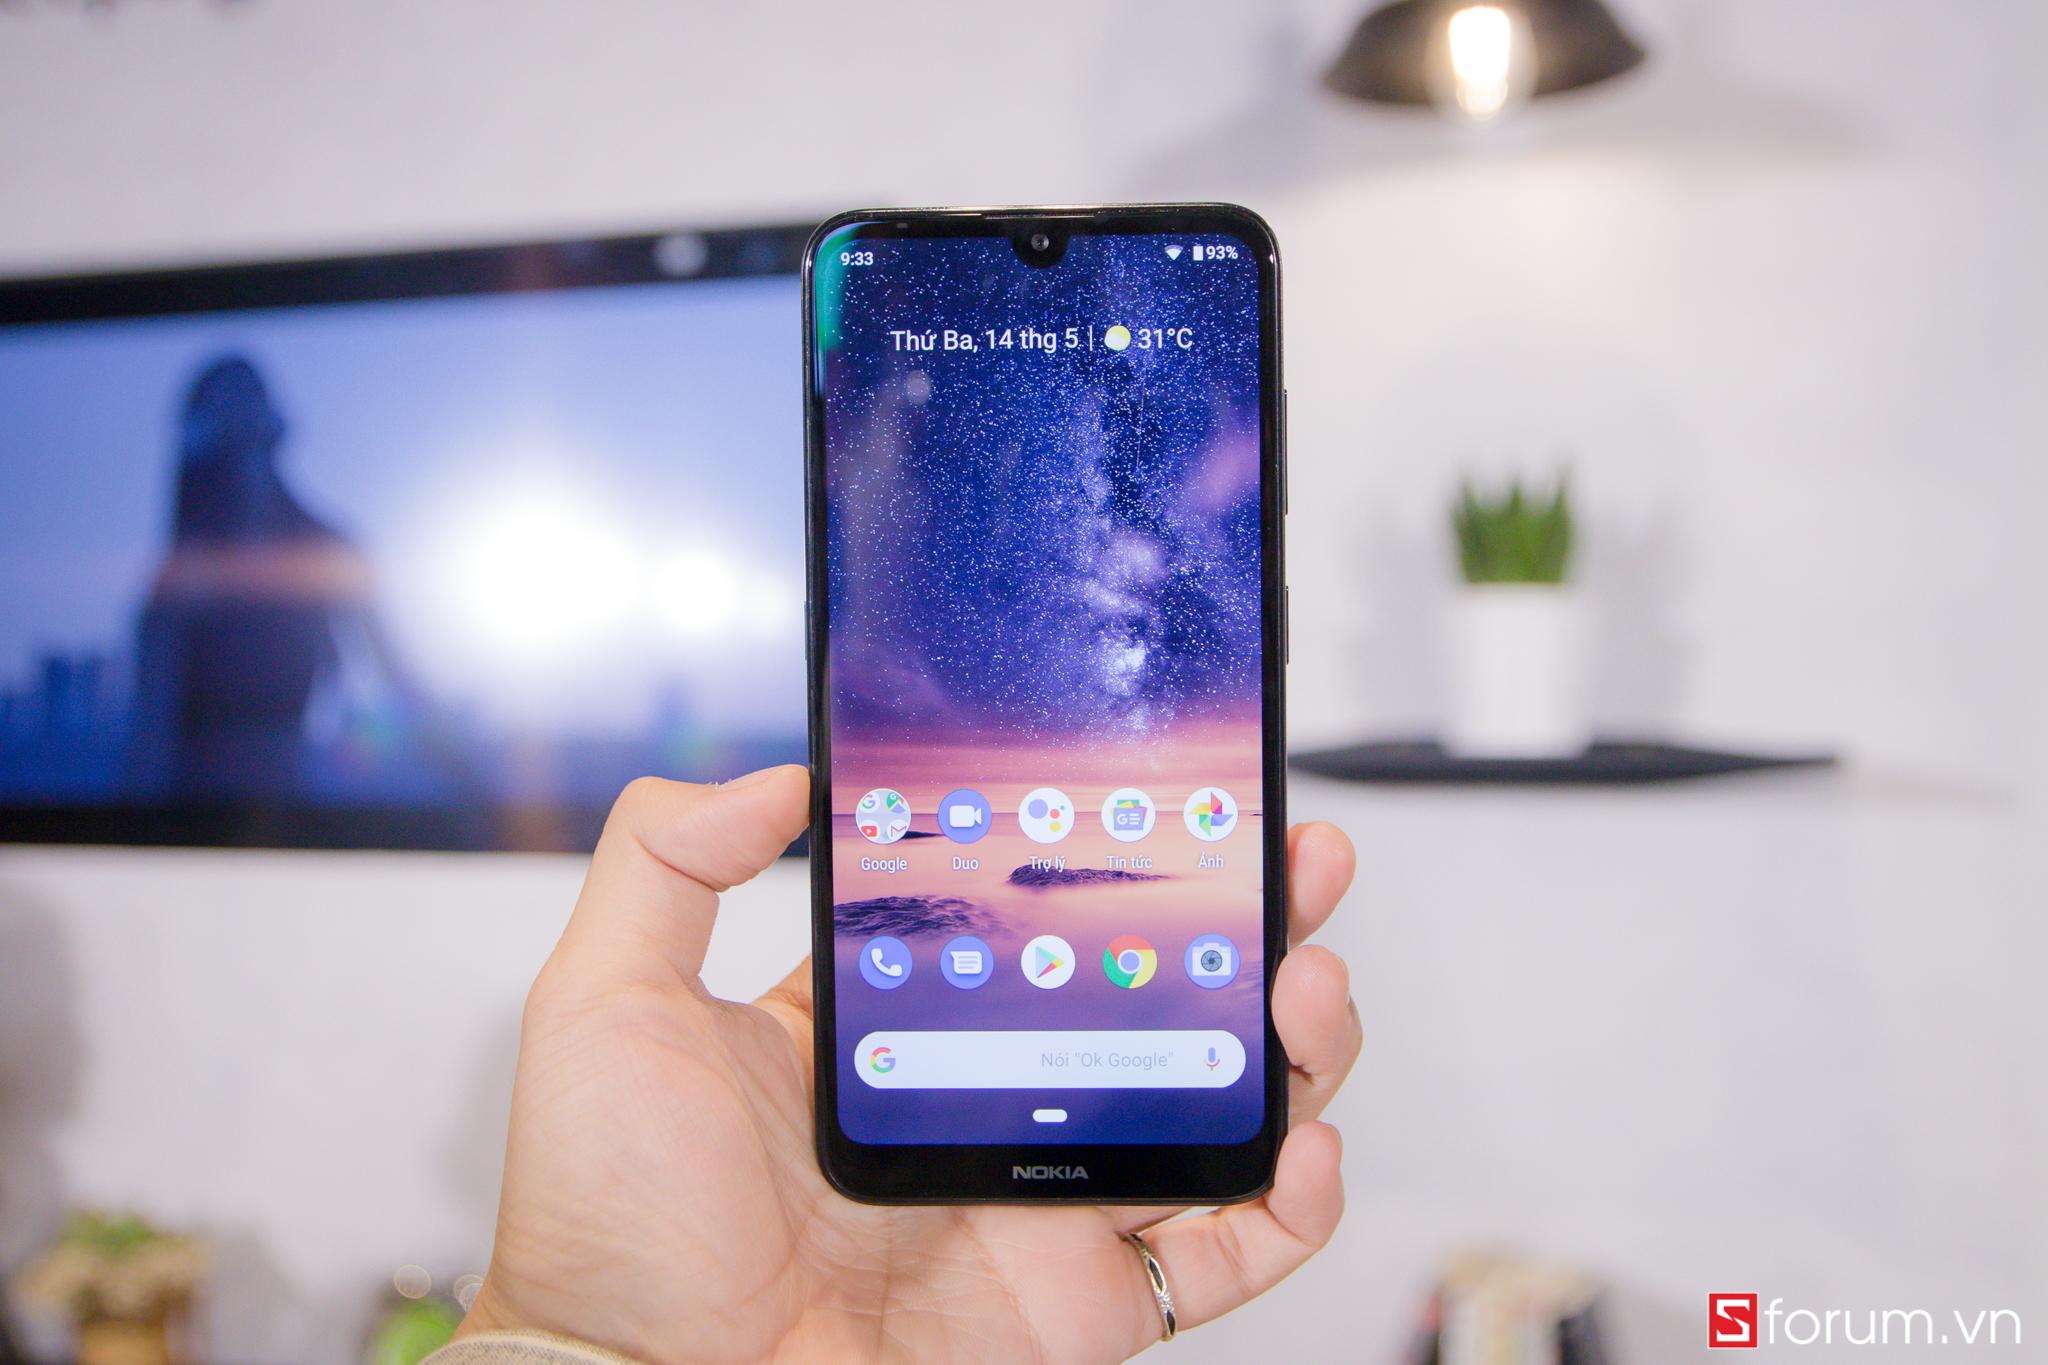 Sforum - Trang thông tin công nghệ mới nhất IMG_8489 Nokia 3.2 ra mắt: Màn hình giọt nước, có nút Google Assistant riêng, chạy Android One, giá 2.9 triệu